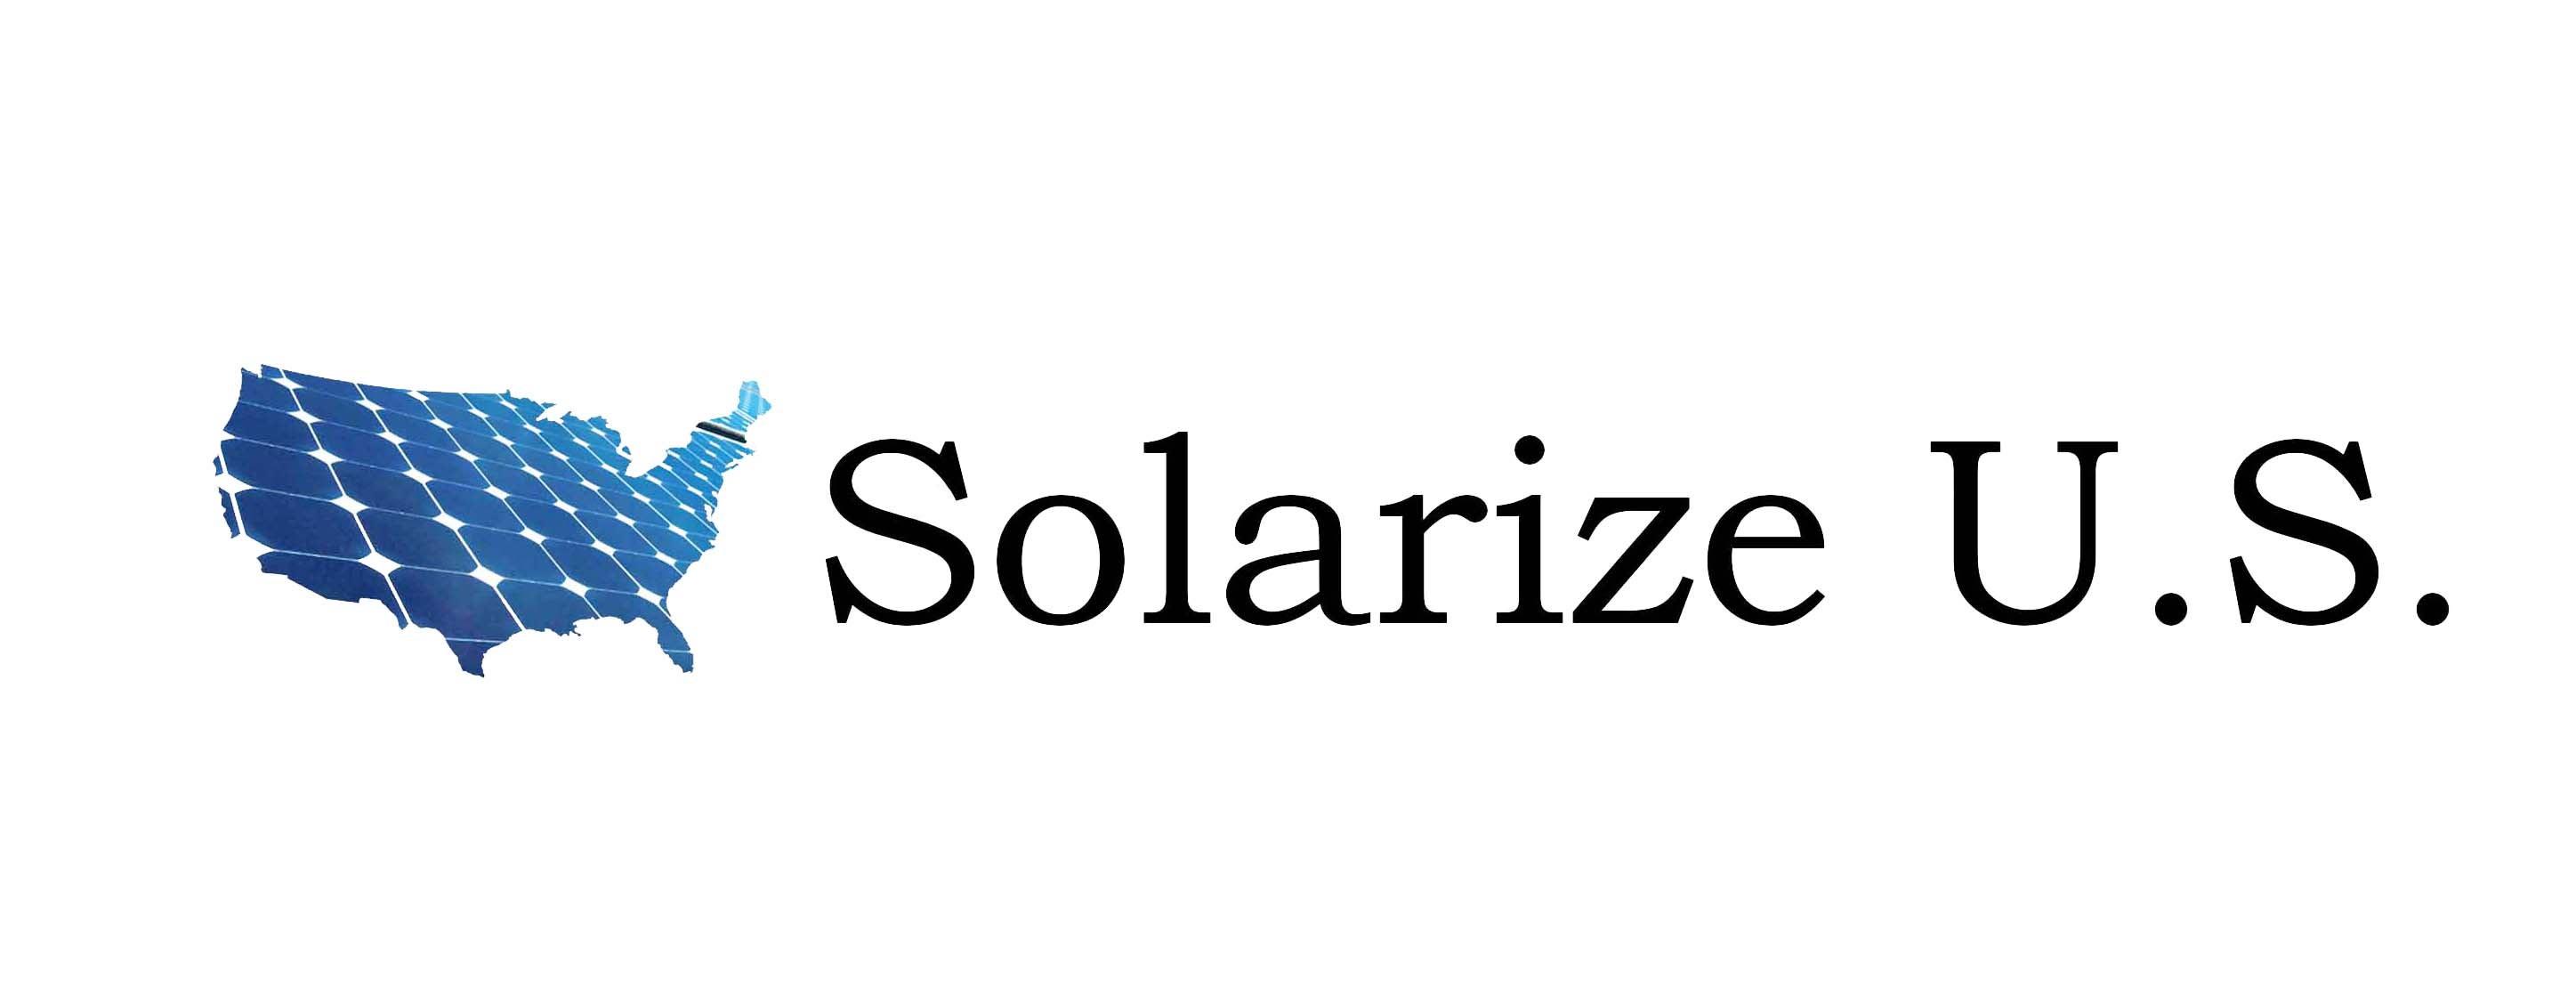 Solarize US LLC